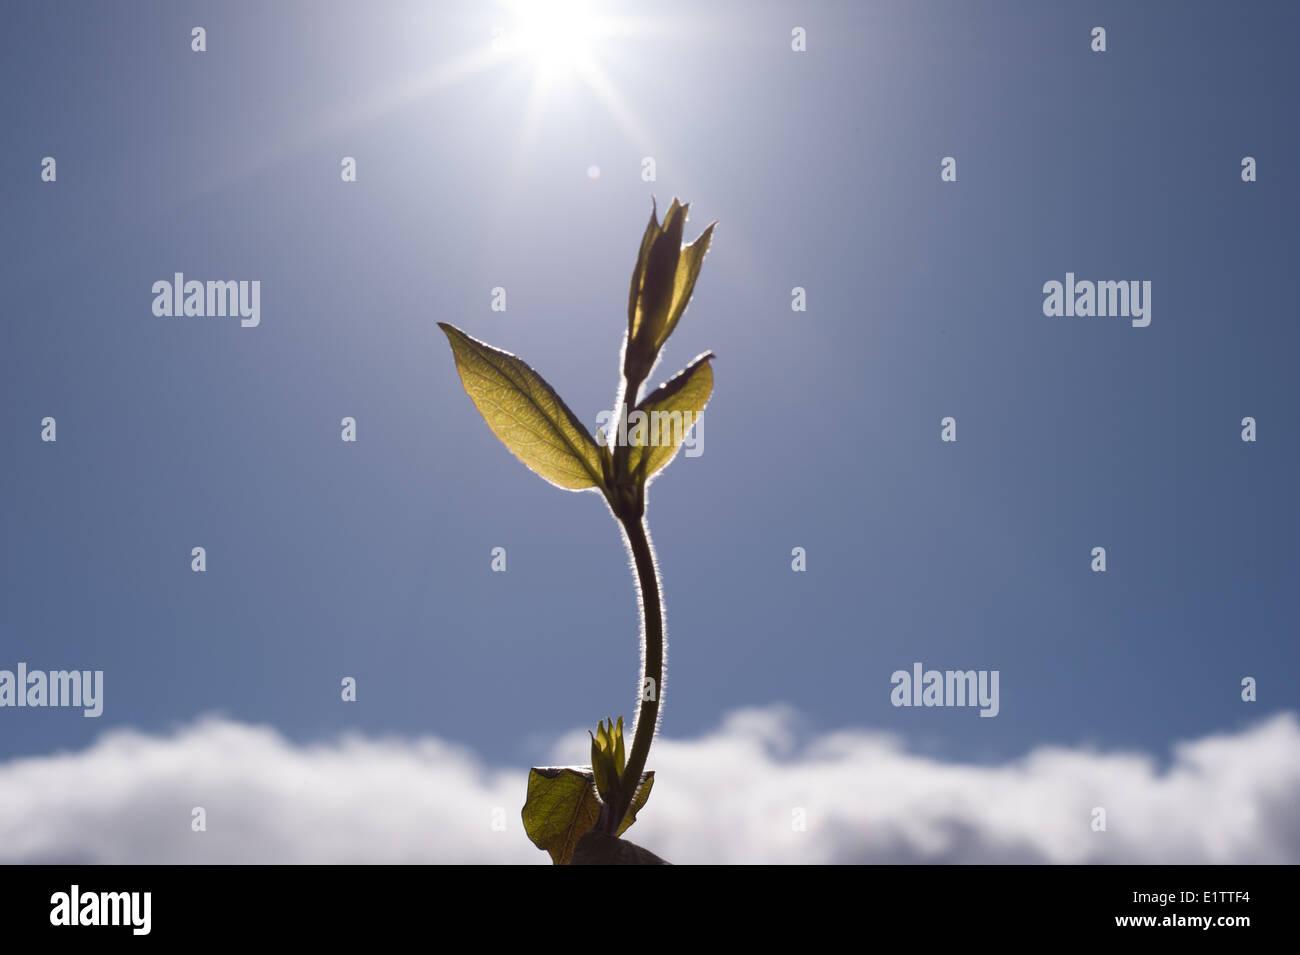 El crecimiento de un capullo hasta llegar al sol Imagen De Stock